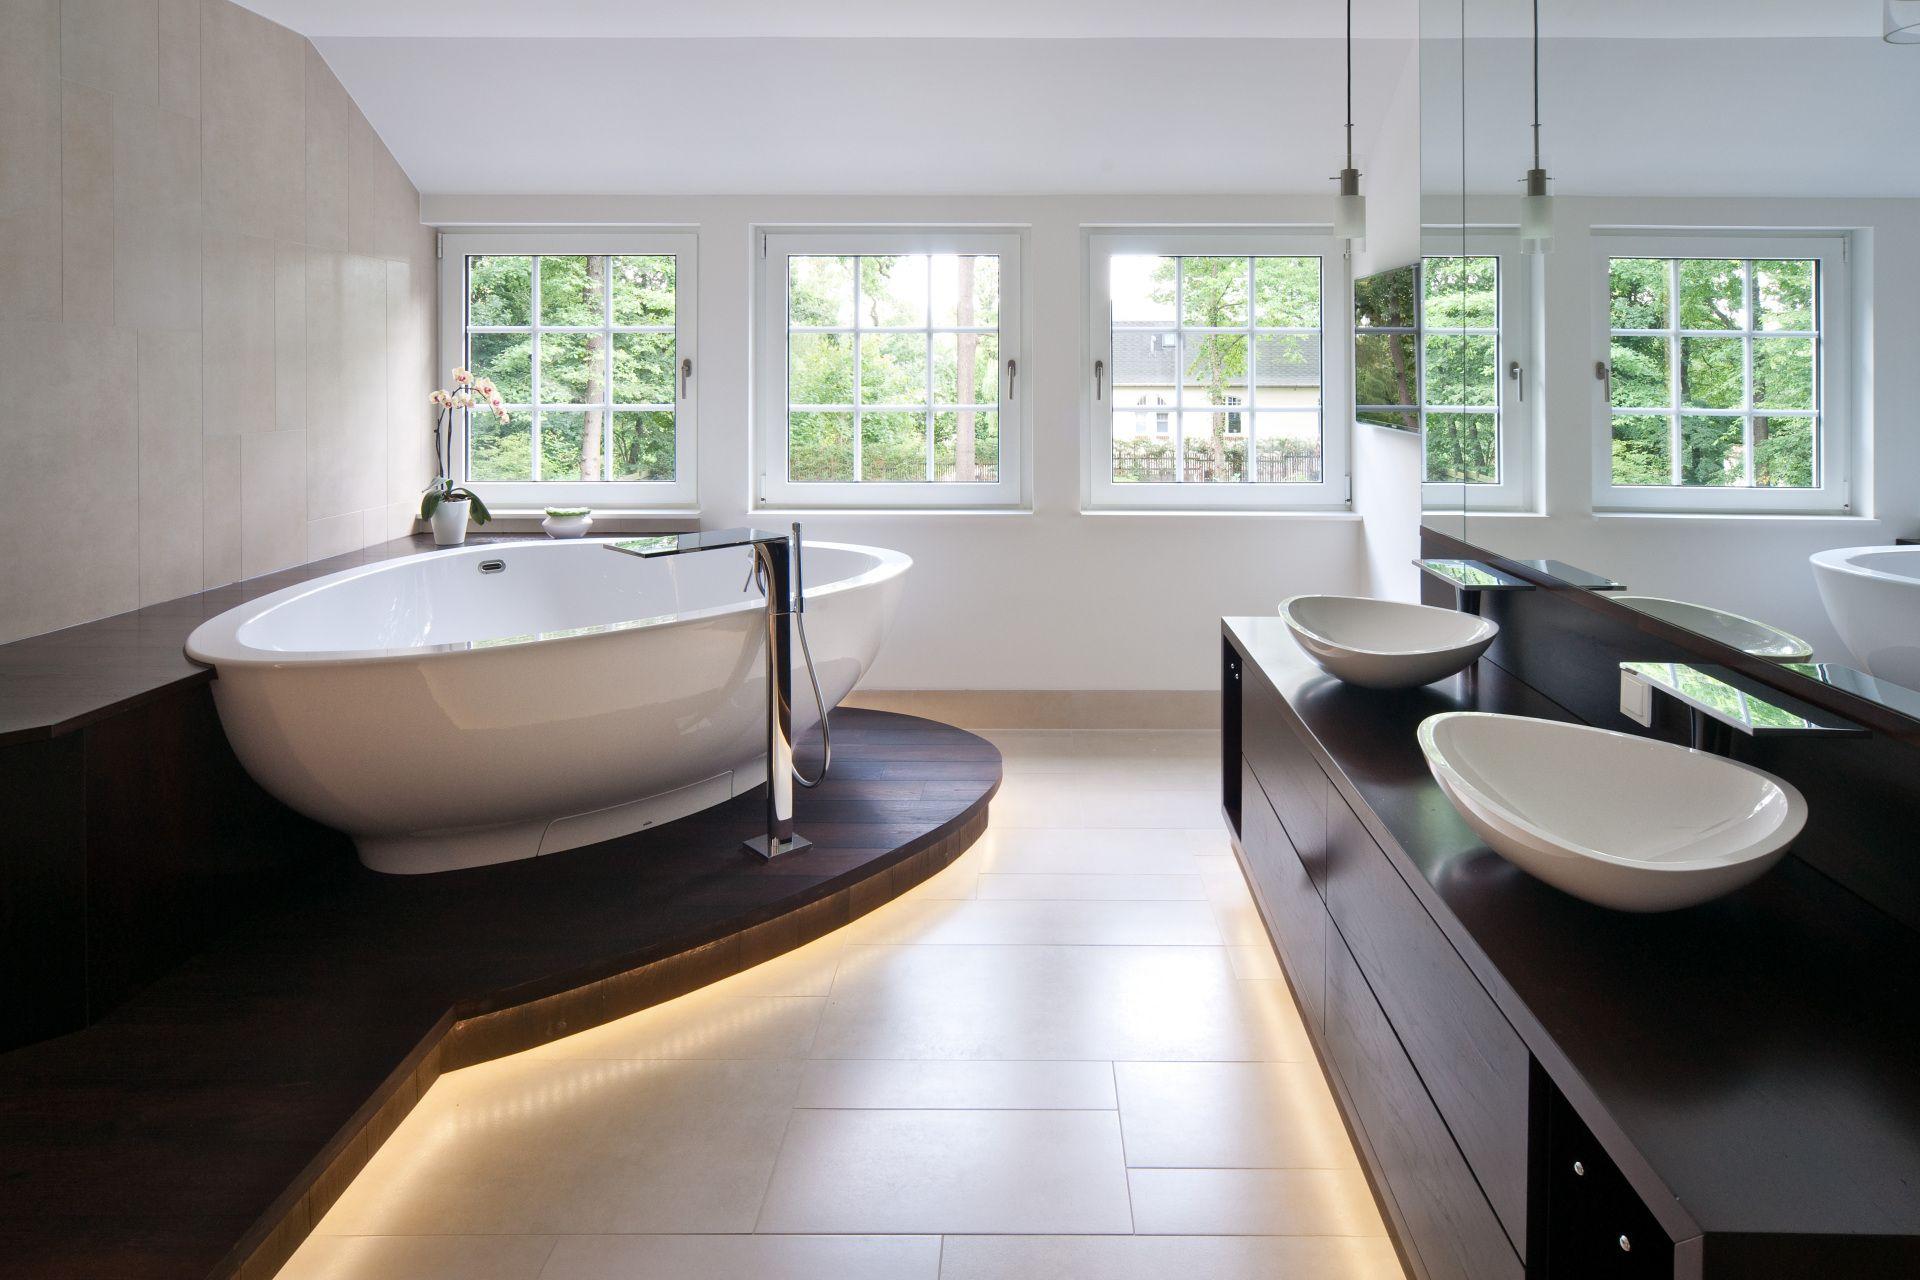 nat rlich wohnen modern interpretiert. Black Bedroom Furniture Sets. Home Design Ideas